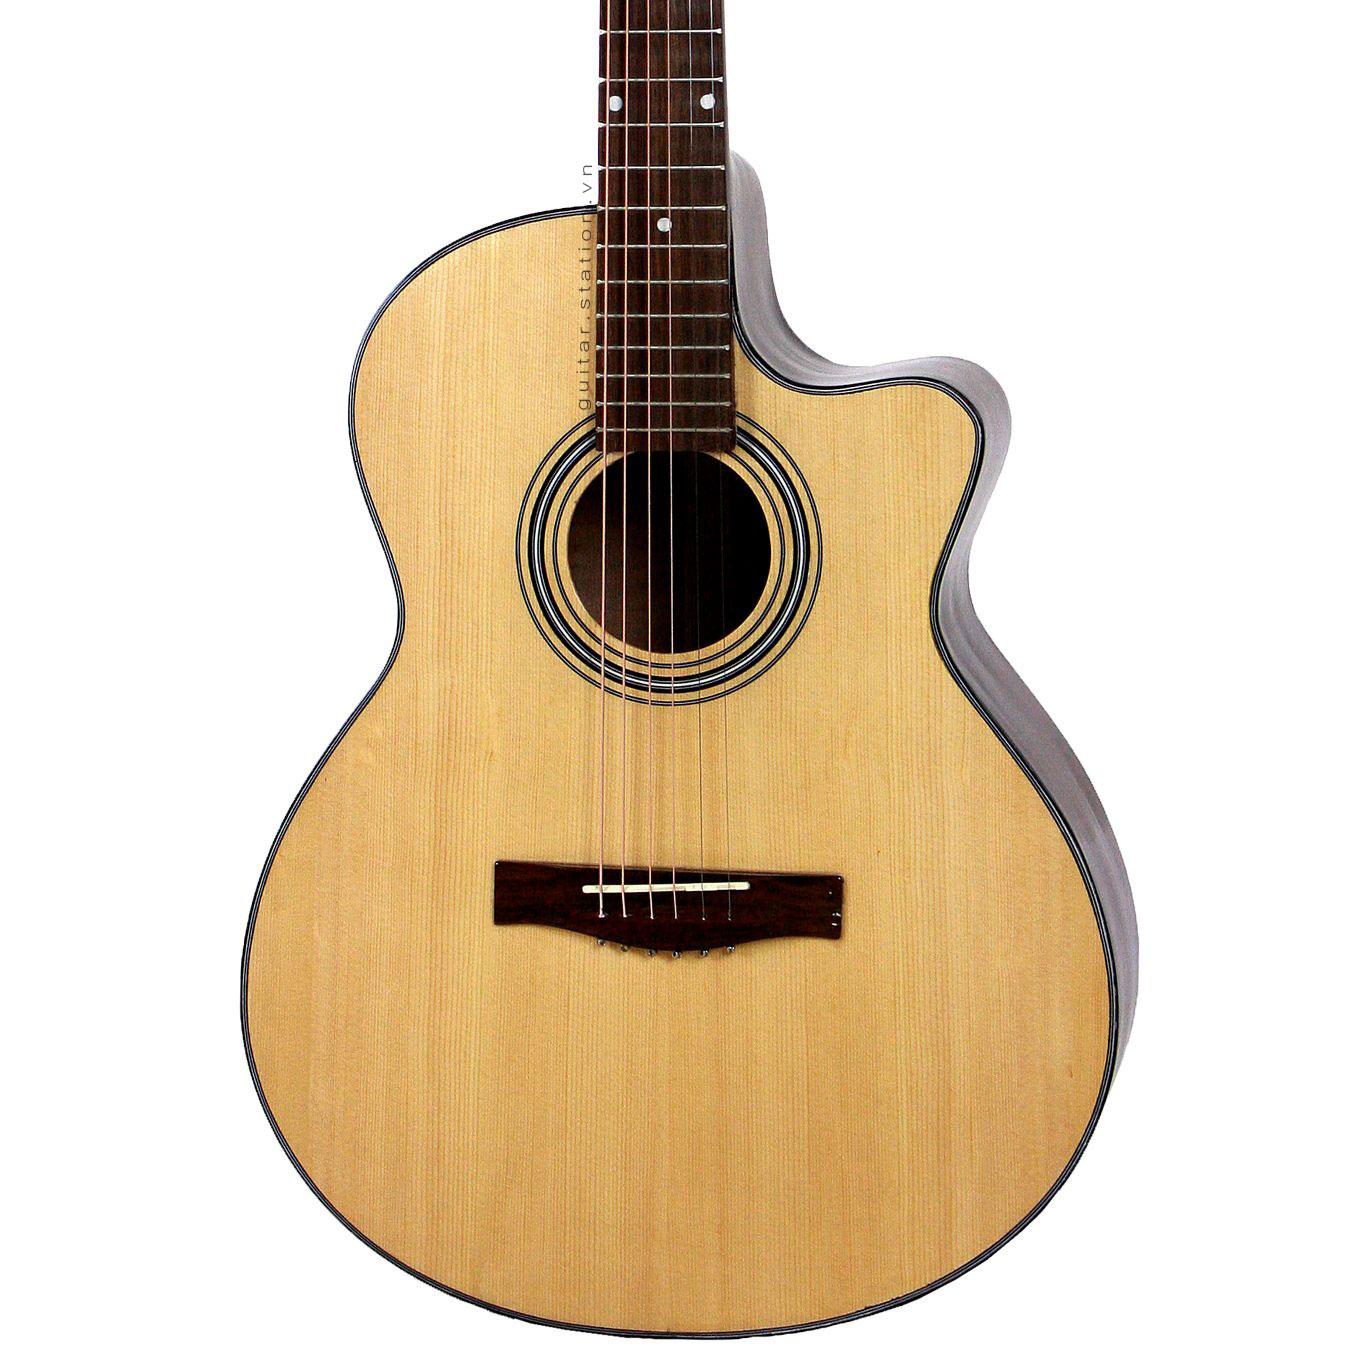 Những lỗi khi sử dụng đàn guitar bạn cần chú ý